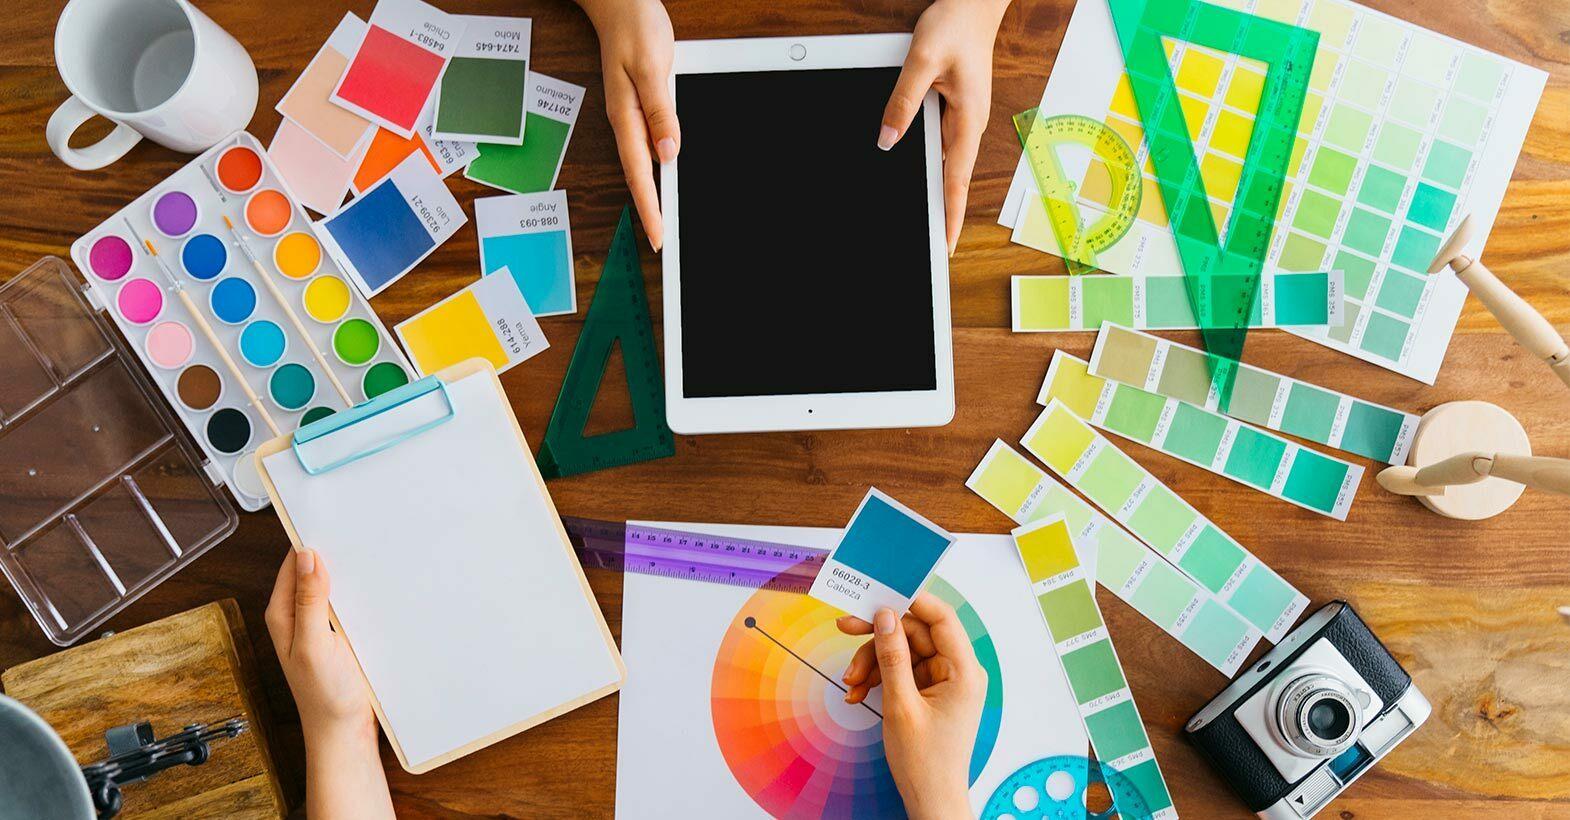 aplicaciones para diseño gráfico